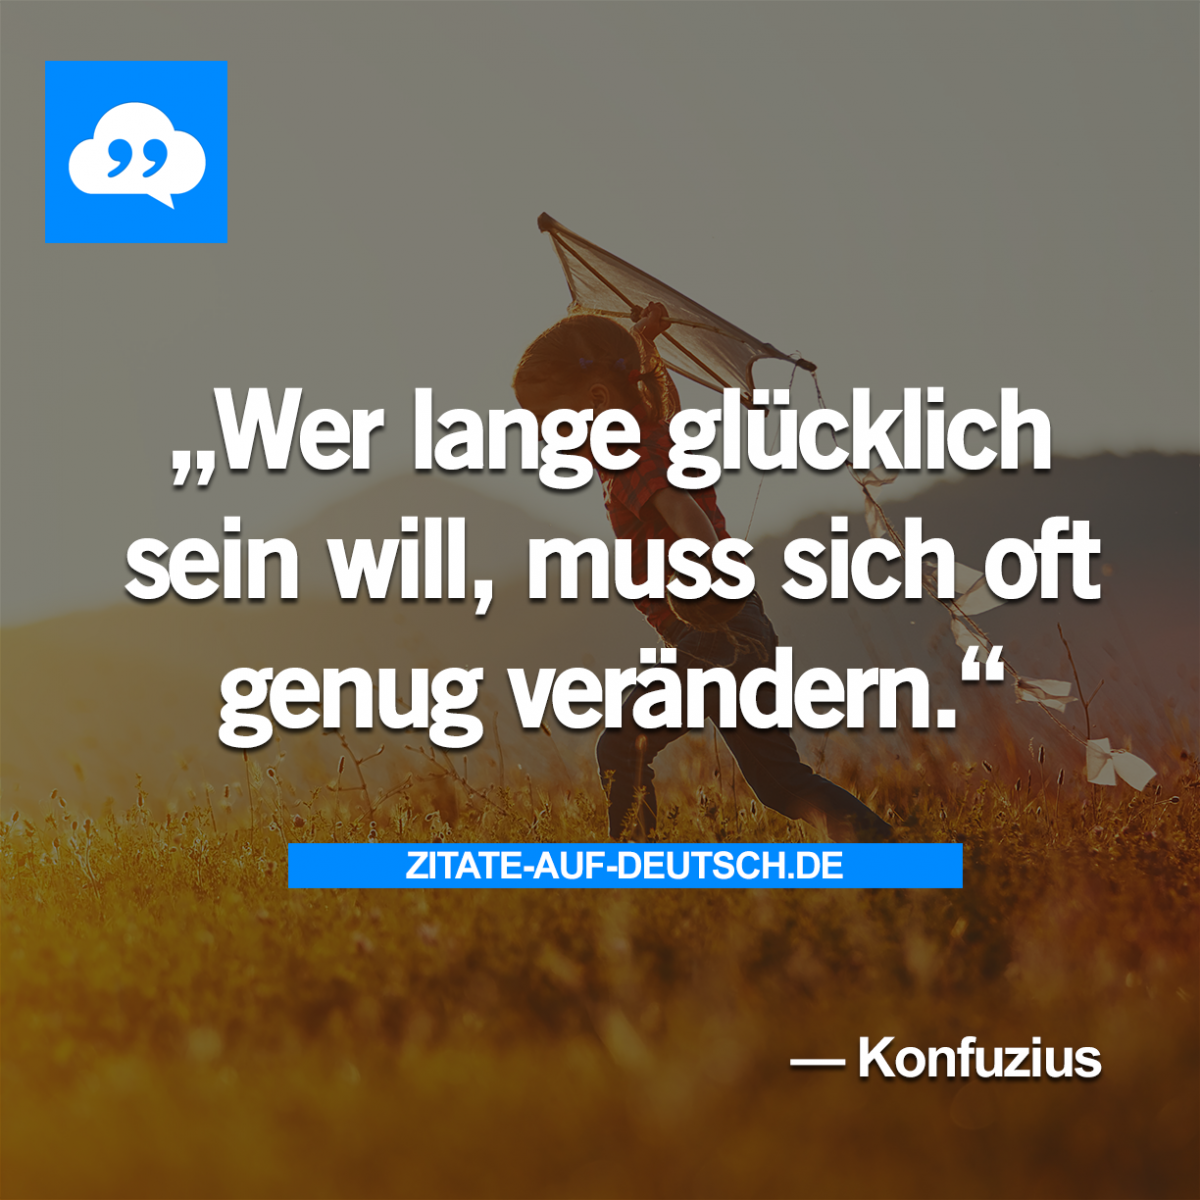 Glücklich, #Spruch, #Sprüche, #Veränderung, #WhatsAppStatus